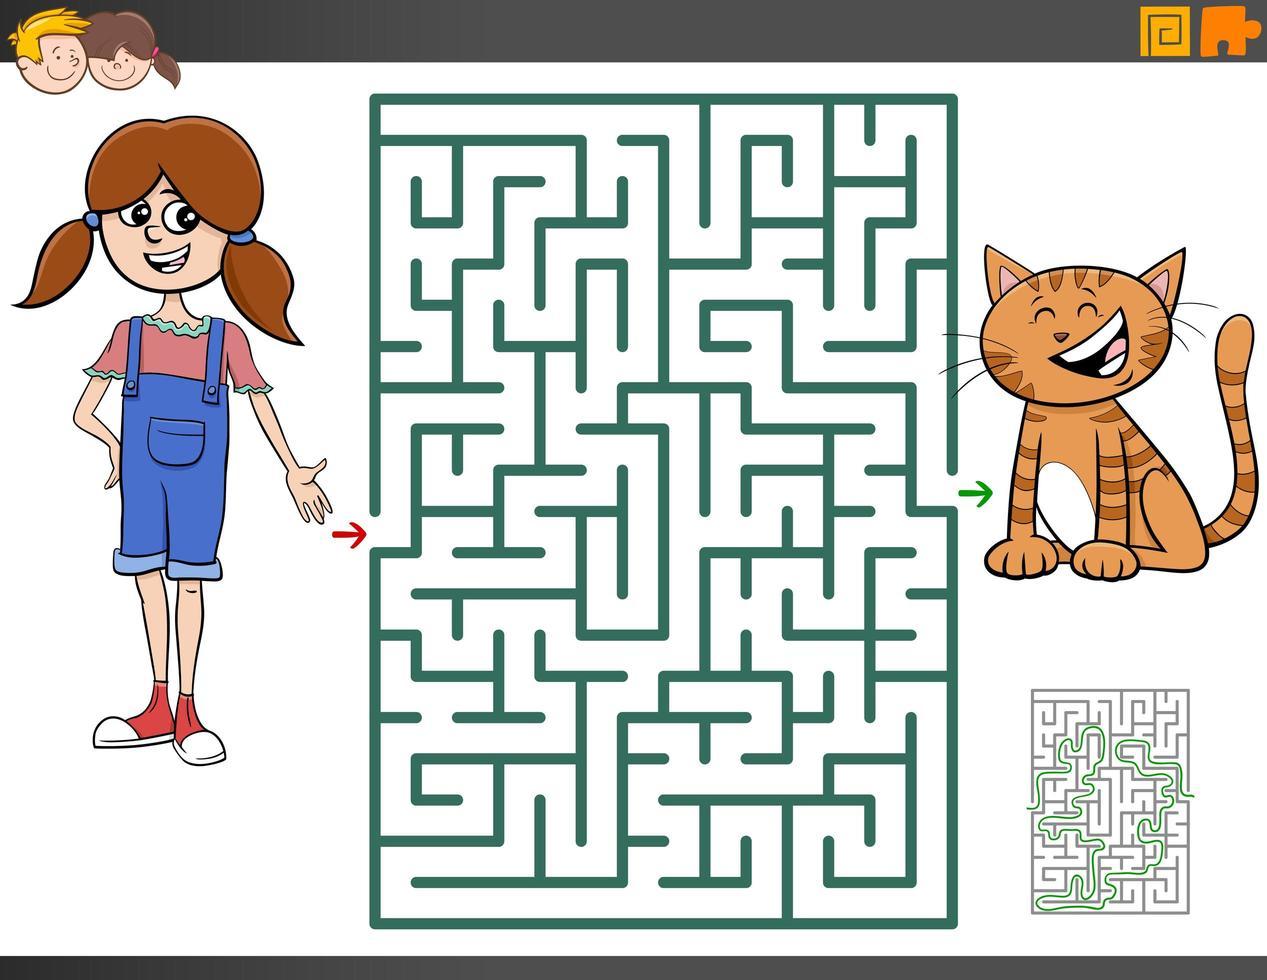 juego de laberinto con niña de dibujos animados y gatito vector